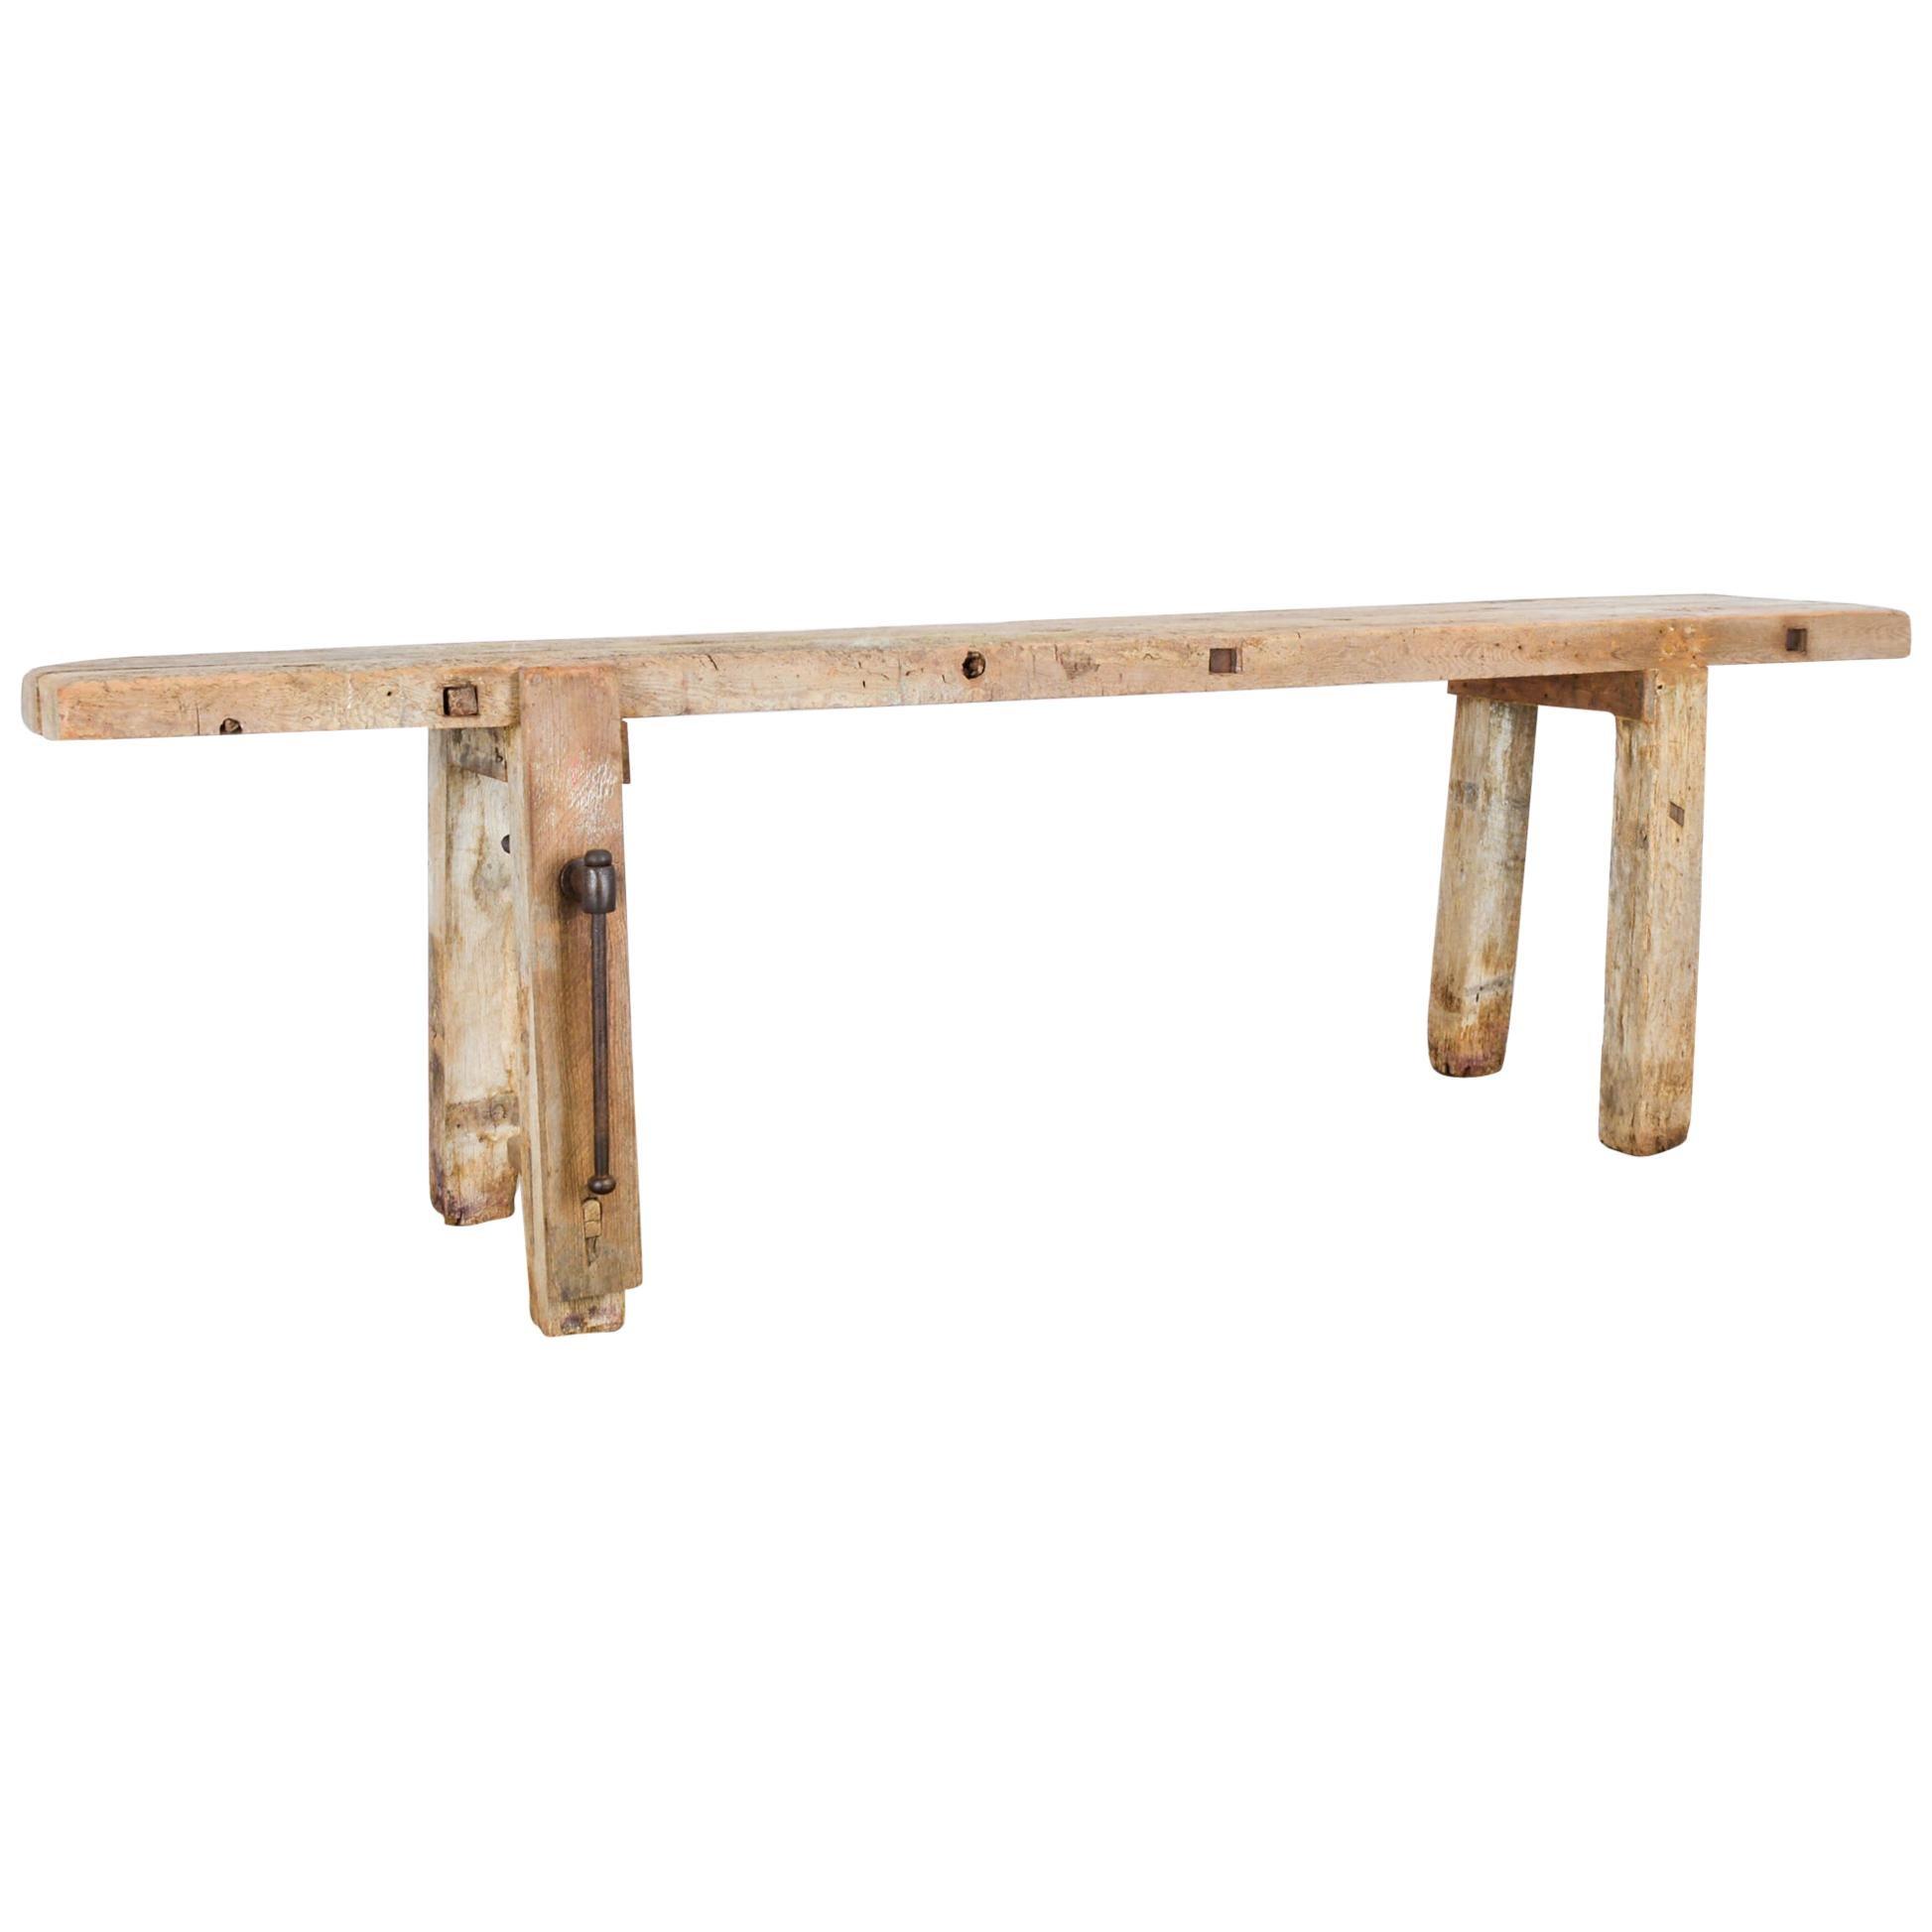 Antique Belgian Wooden Work Bench